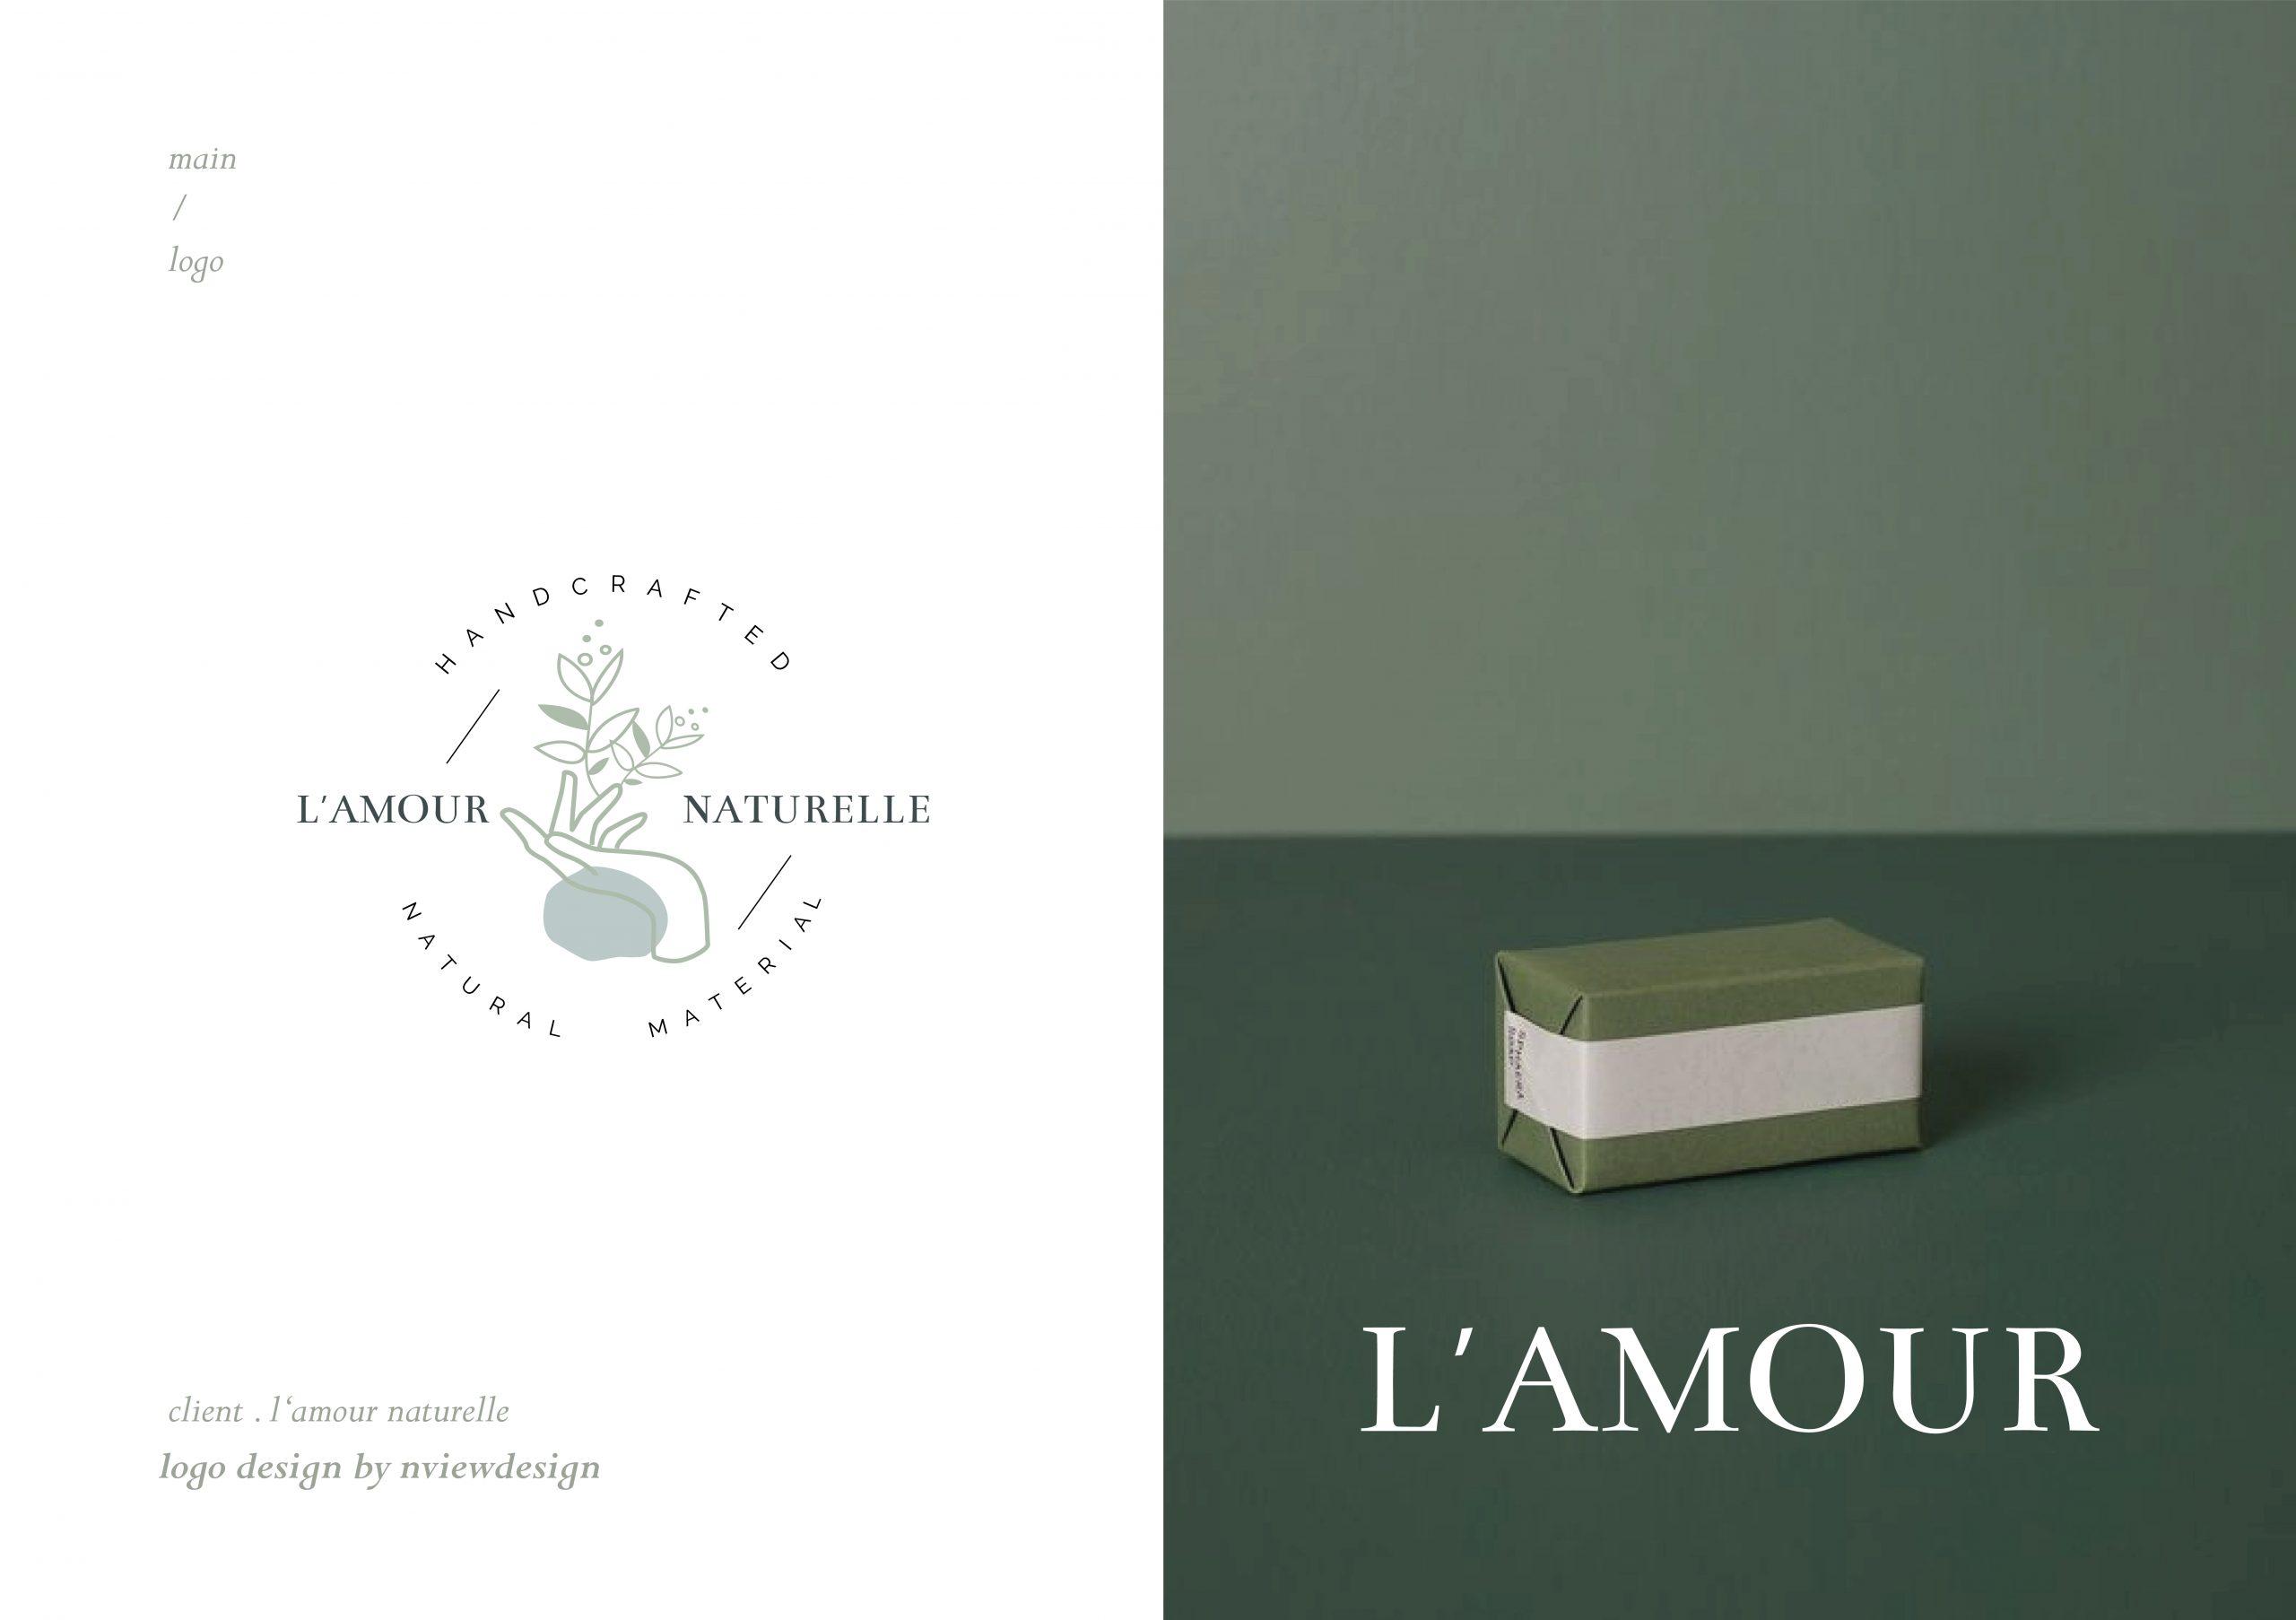 Lamour naturelle purpose 04 scaled